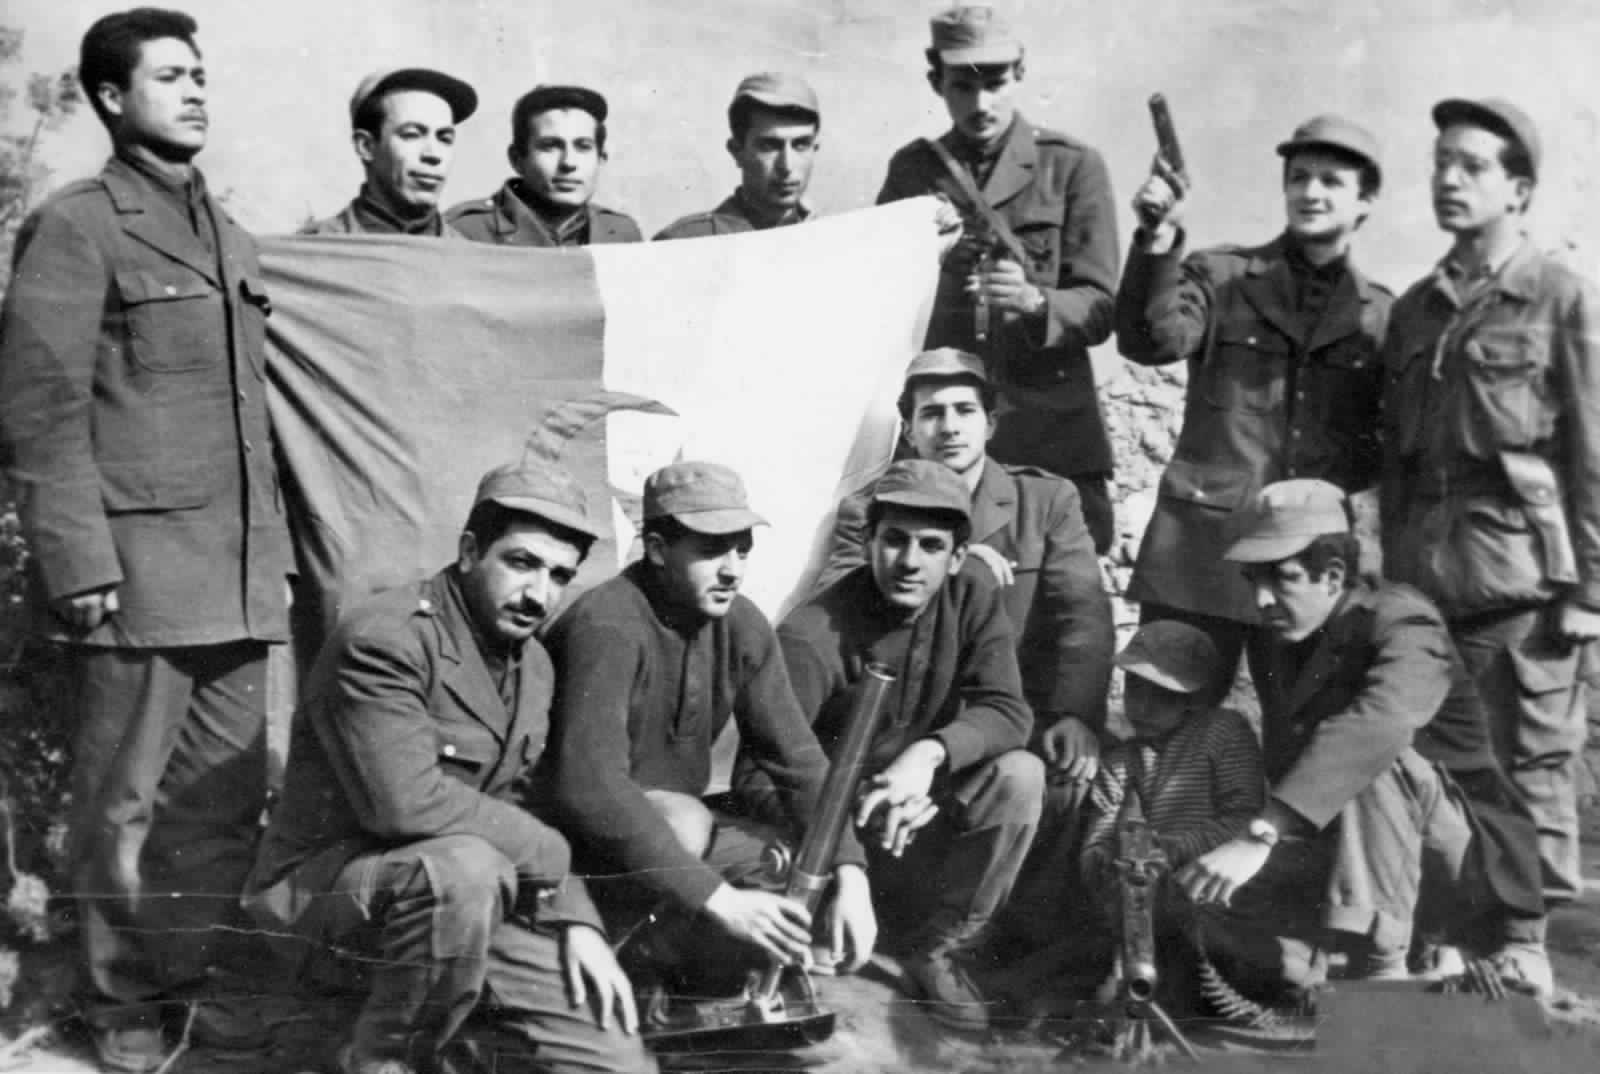 العربي بن مهيدي: مجاهد جزائري أشعل الثورة المسلحة ضد الاحتلال الفرنسي 1